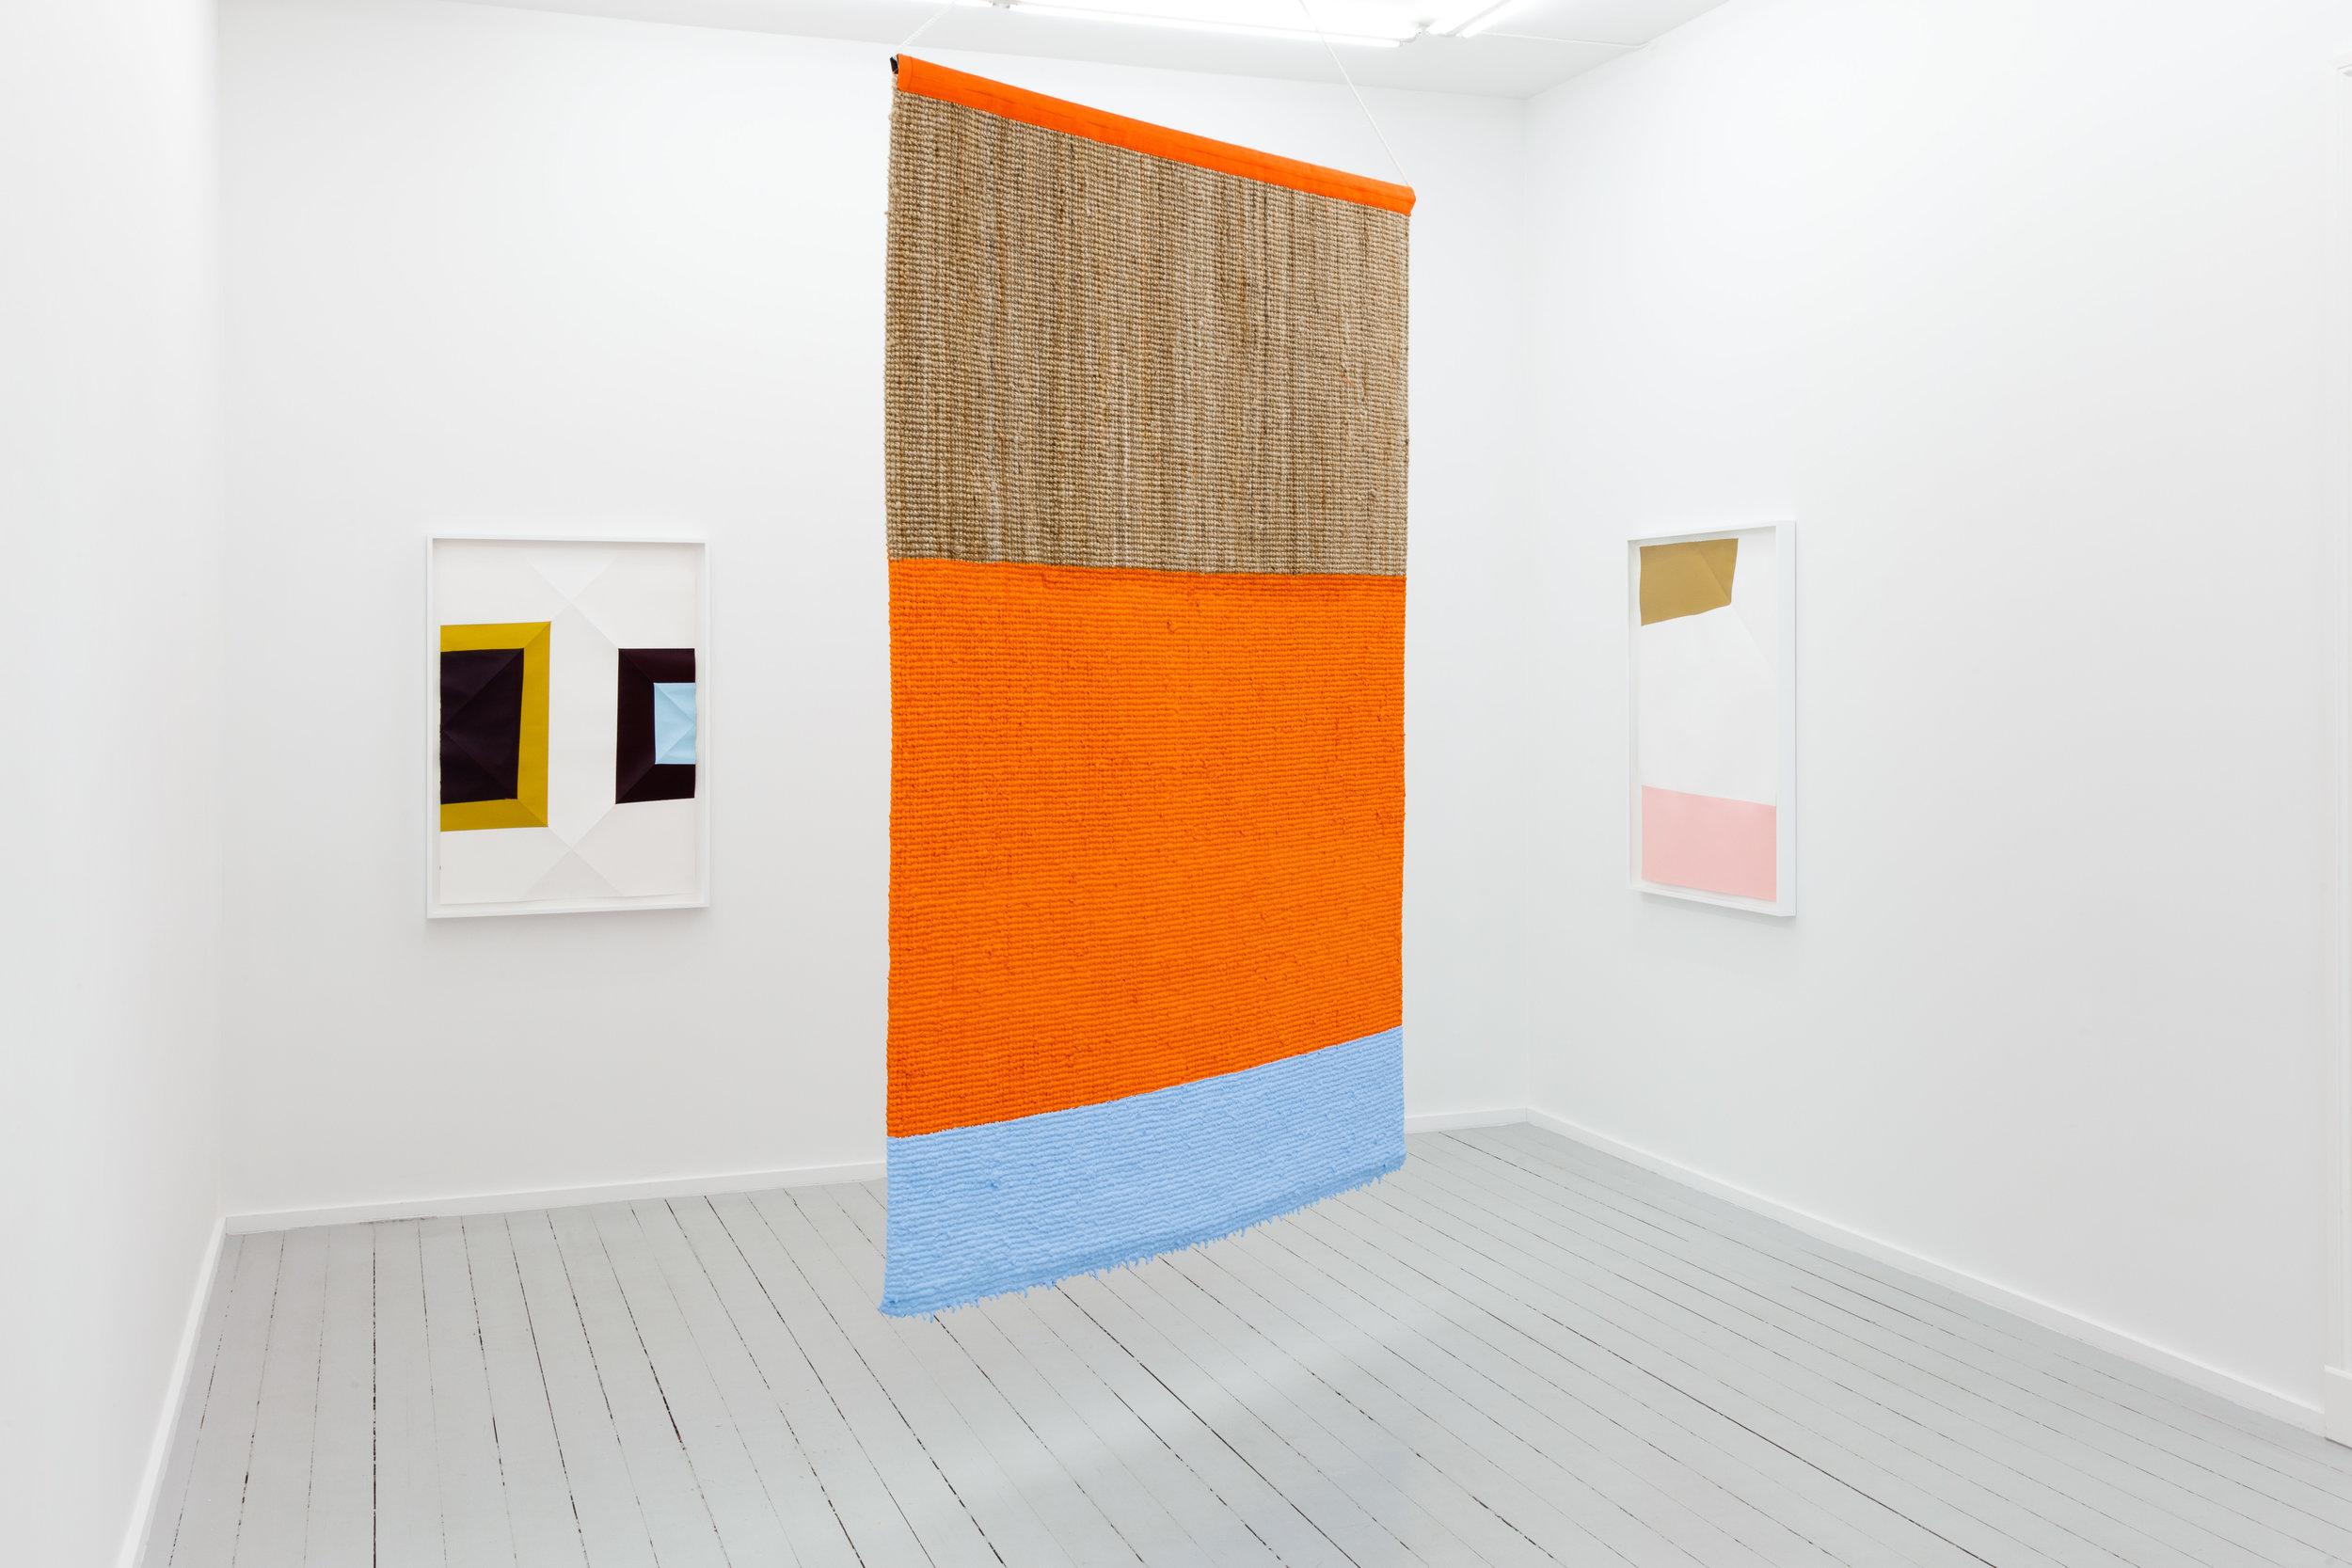 Installation view Galleri Riis Arbinsgate Oslo 2017 - 2018